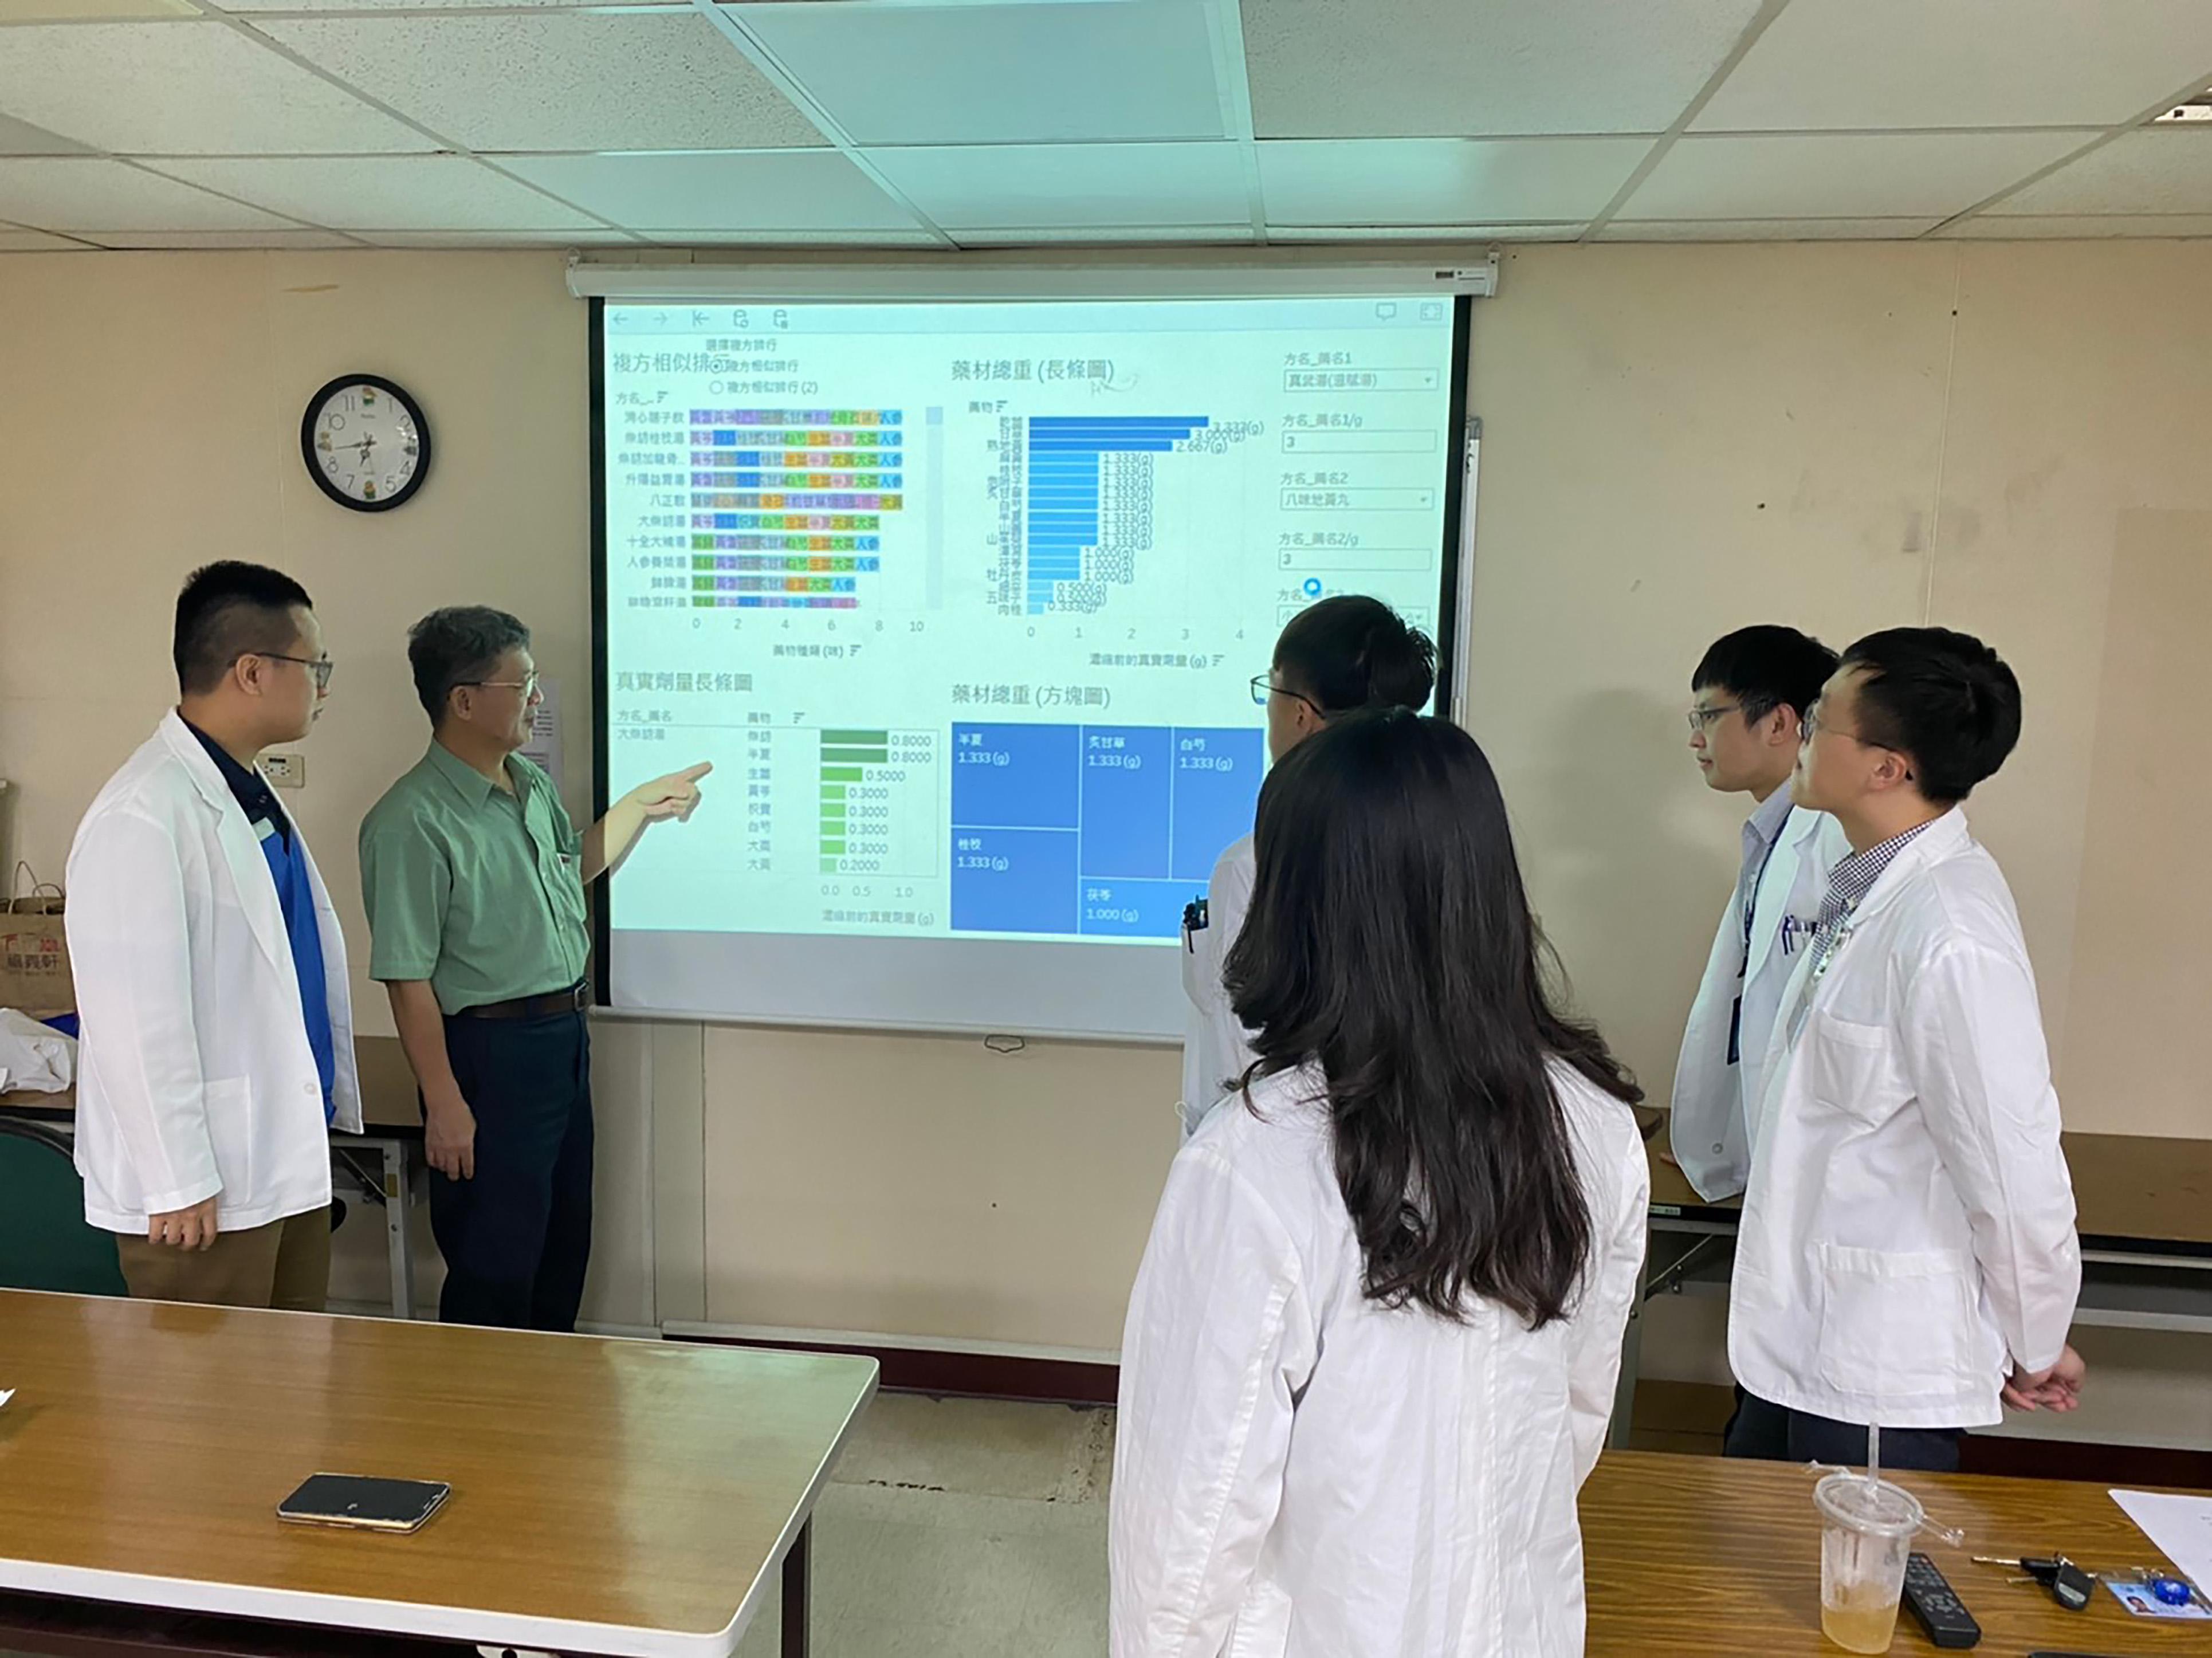 研發照片8_系統測試:中醫大團隊測試餘藥長條圖